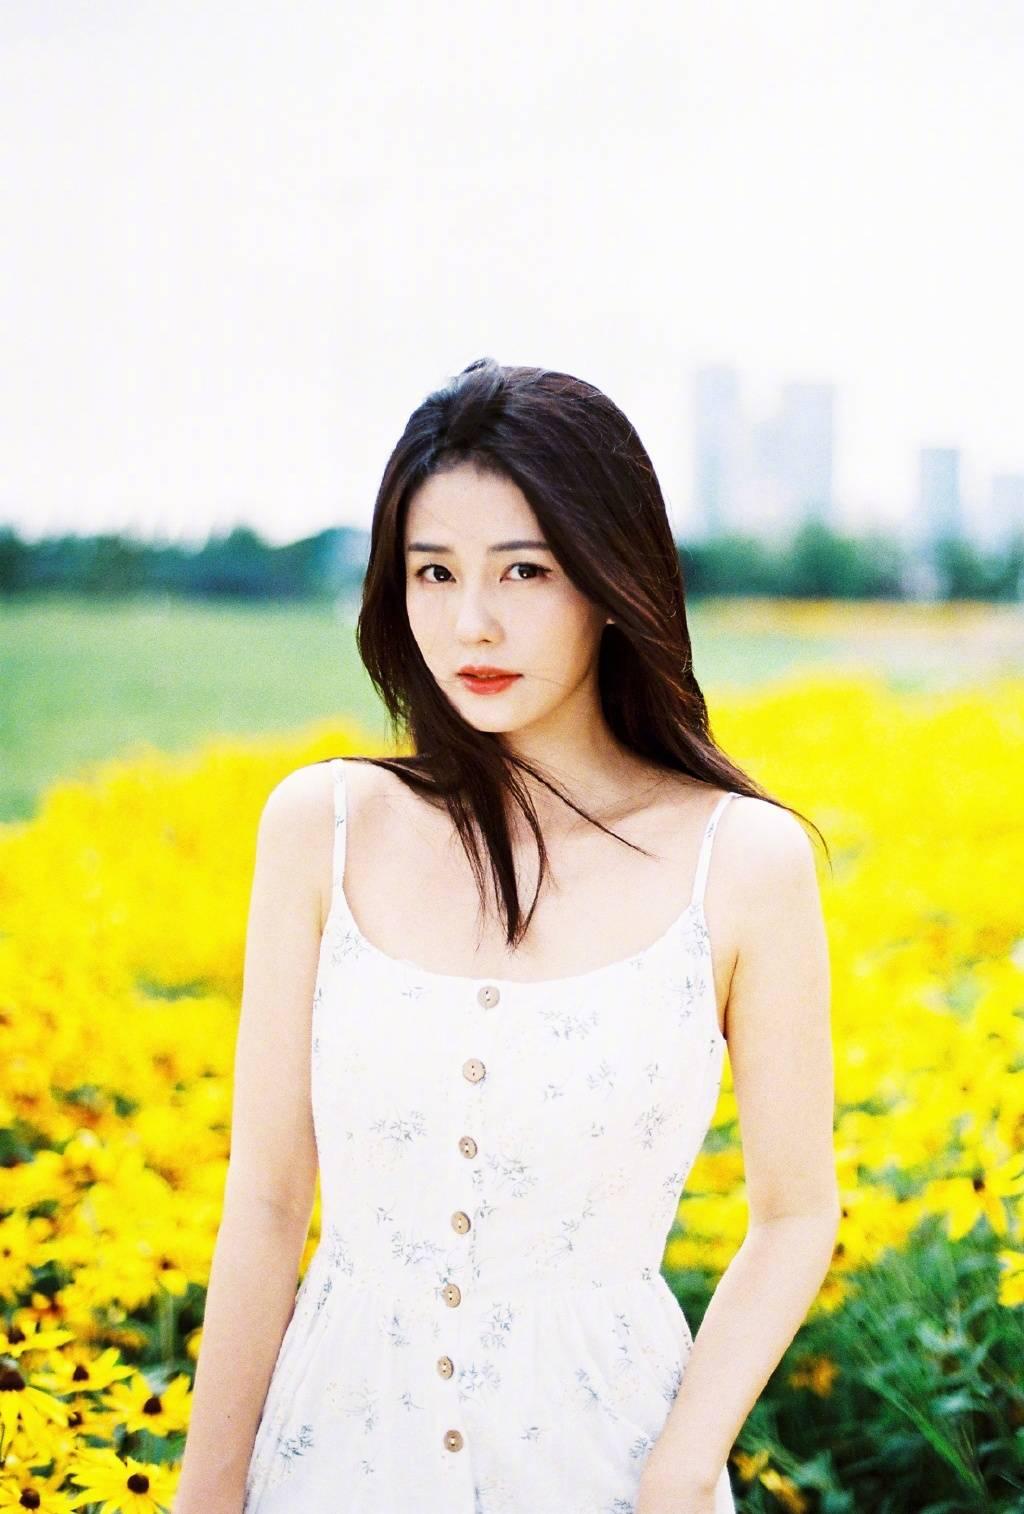 Bạch Lộc hóa 'nai trắng', khoe vẻ đẹp tinh khôi trong bộ ảnh mới 3